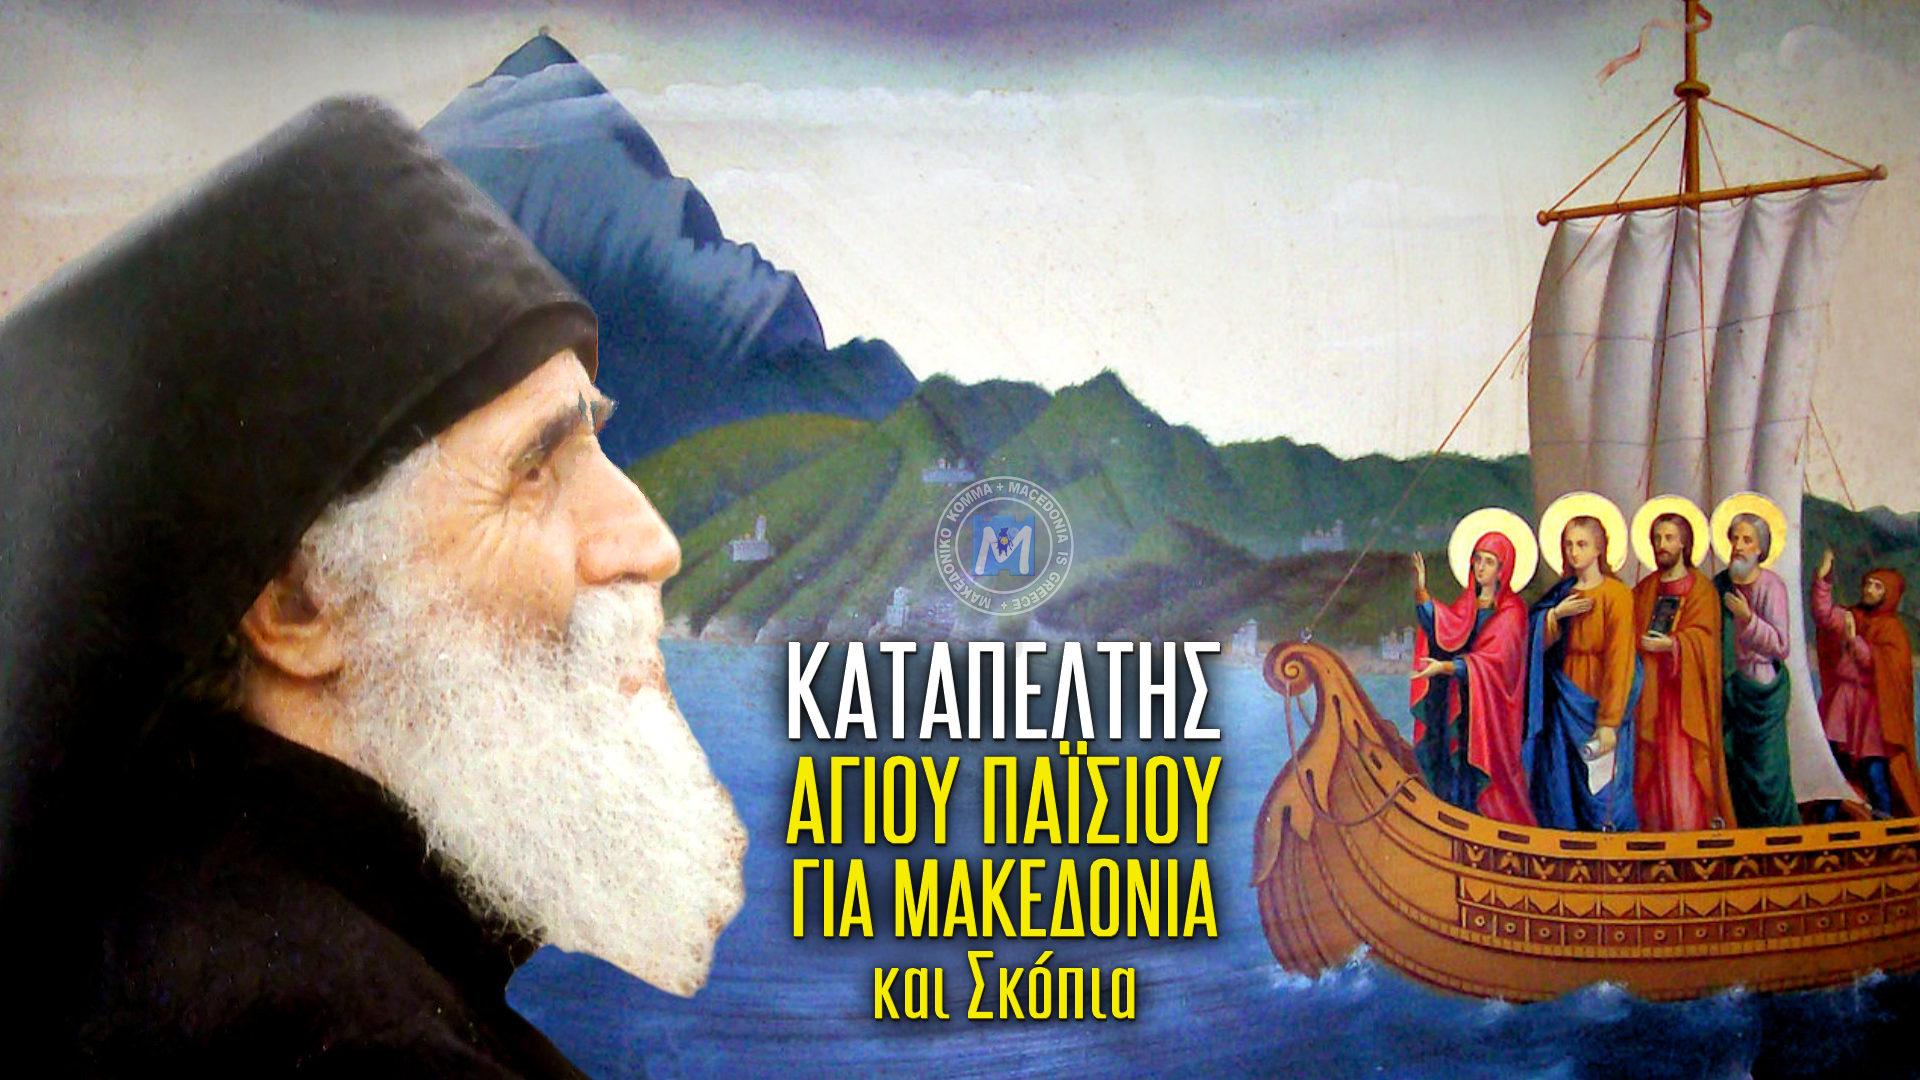 ΚΑΤΑΠΕΛΤΗΣ ΑΓΙΟΥ ΠΑΪΣΙΟΥ ΓΙΑ ΜΑΚΕΔΟΝΙΑ ΚΑΙ ΣΚΟΠΙΑ! Ποιο κομμάτι θα ξαναγίνει ελληνικό! Βίντεο